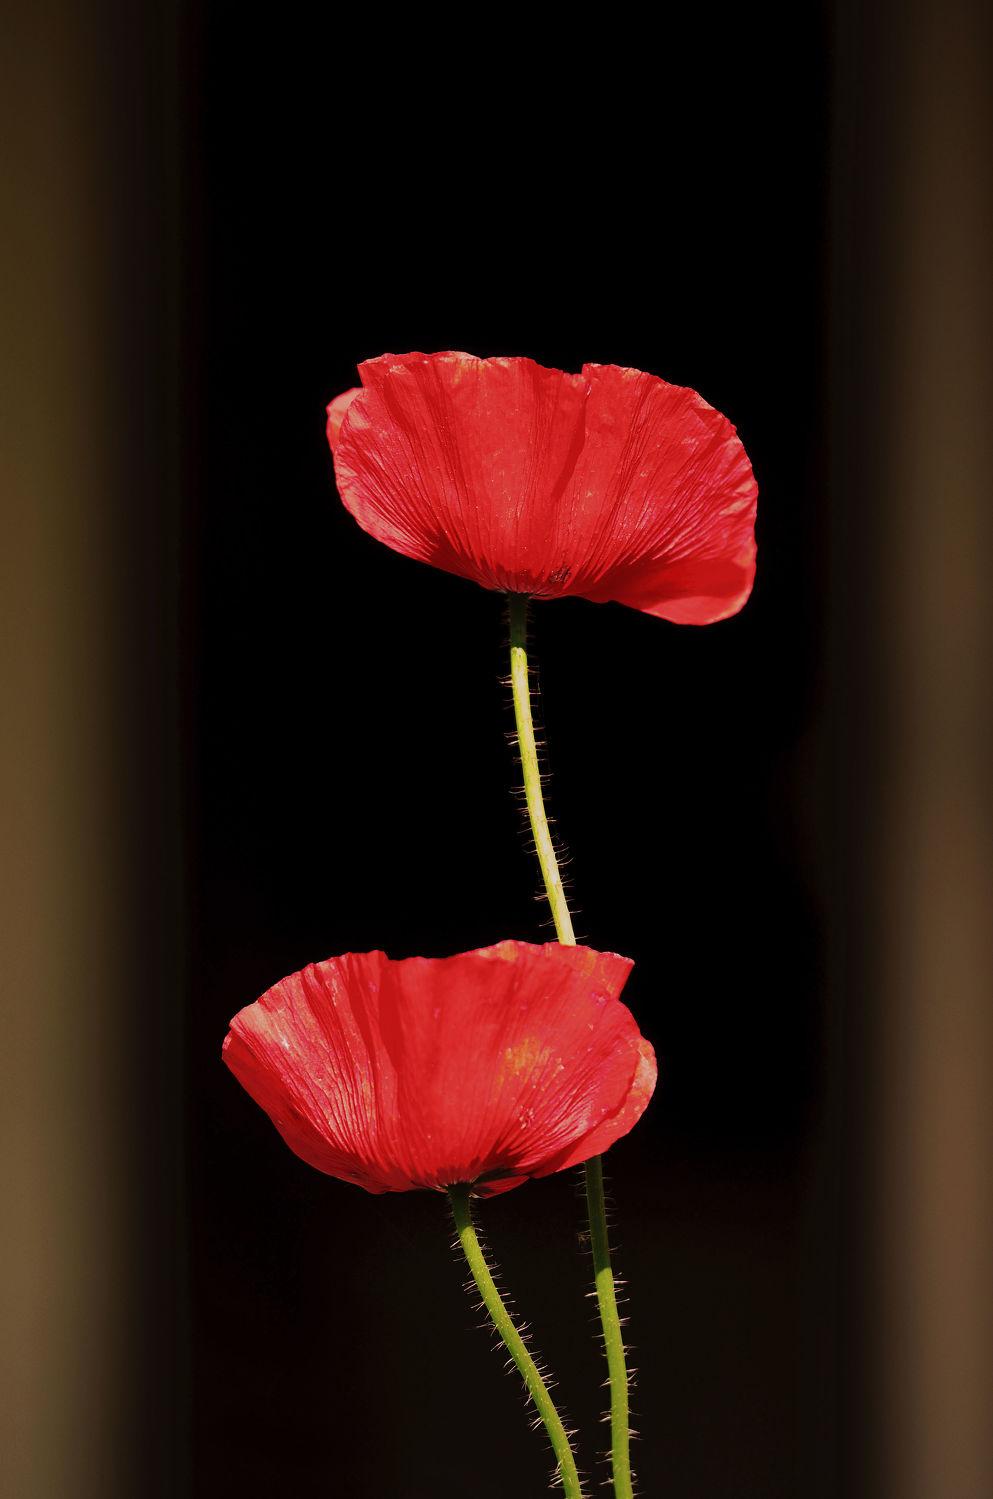 Bild mit Blumen, Rot, Herbst, Herbst, Mohn, Makro, garten, FARBE, nahaufnahme, Ausspannen, Farbpunkte, Stengel, Herbstgarten